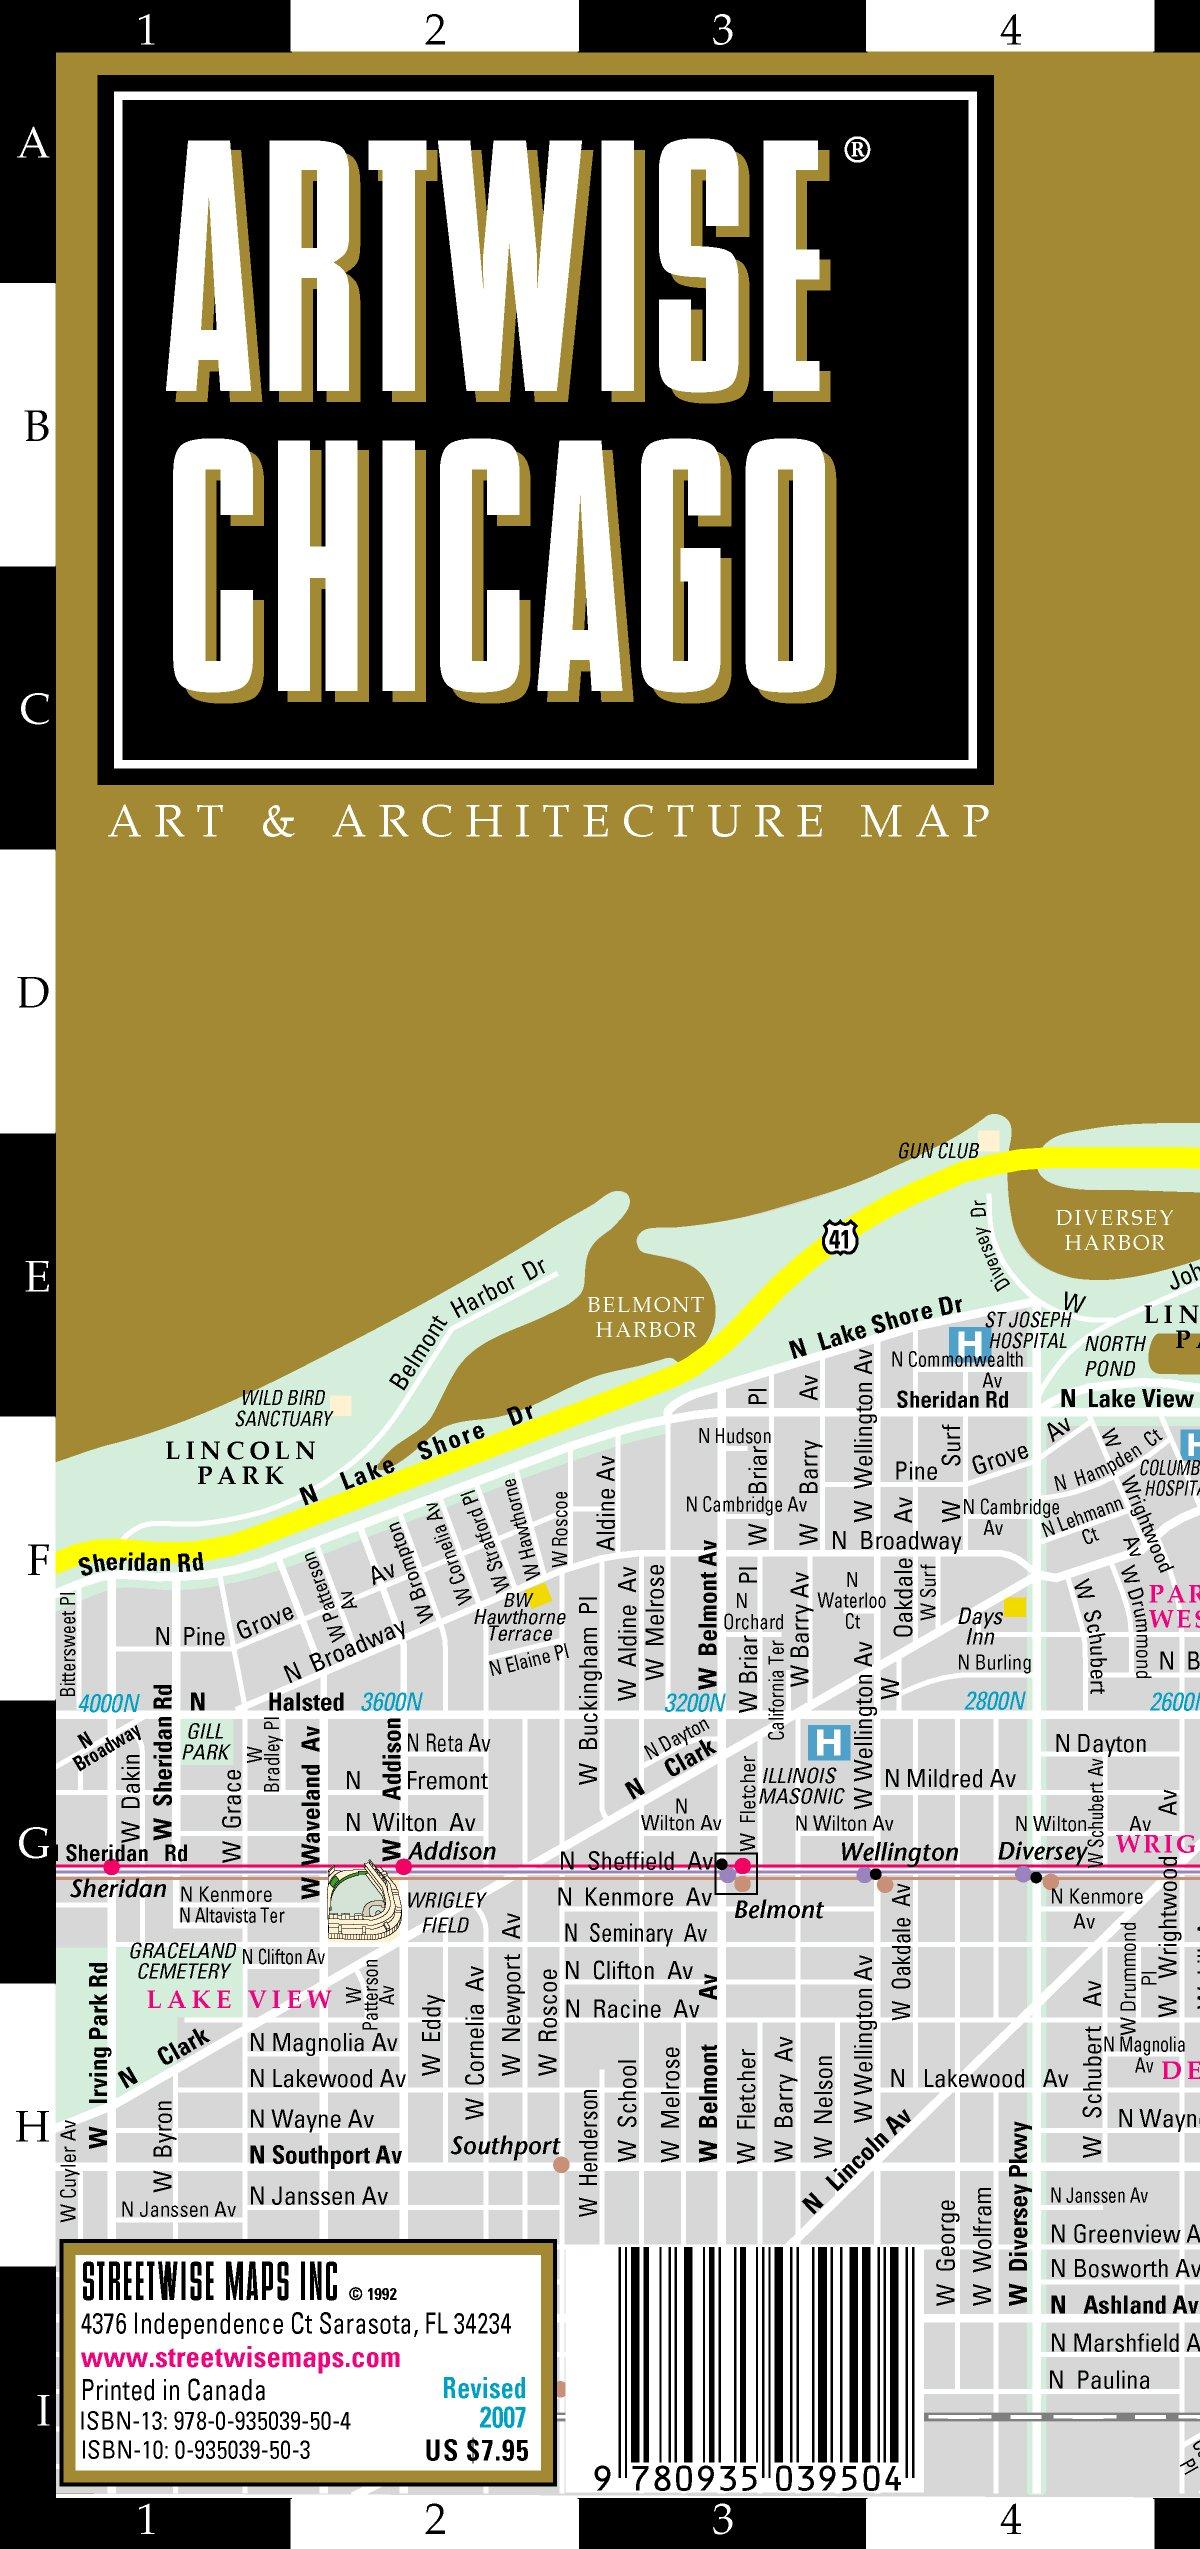 Artwise Chicago Museum Map - Laminated Museum Map of Chicago ... on chicago church map, chicago store map, chicago lawrence map, chicago coffee map, chicago brewery map, chicago snow map, chicago aquarium map, chicago cemetery map, chicago bridge map, chicago area museums, chicago antique map, chicago construction map, chicago water map, chicago harbour map, chicago botanical garden map, chicago bay map, chicago shops map, chicago jazz festival map, chicago map downtown pdf, chicago marina map,